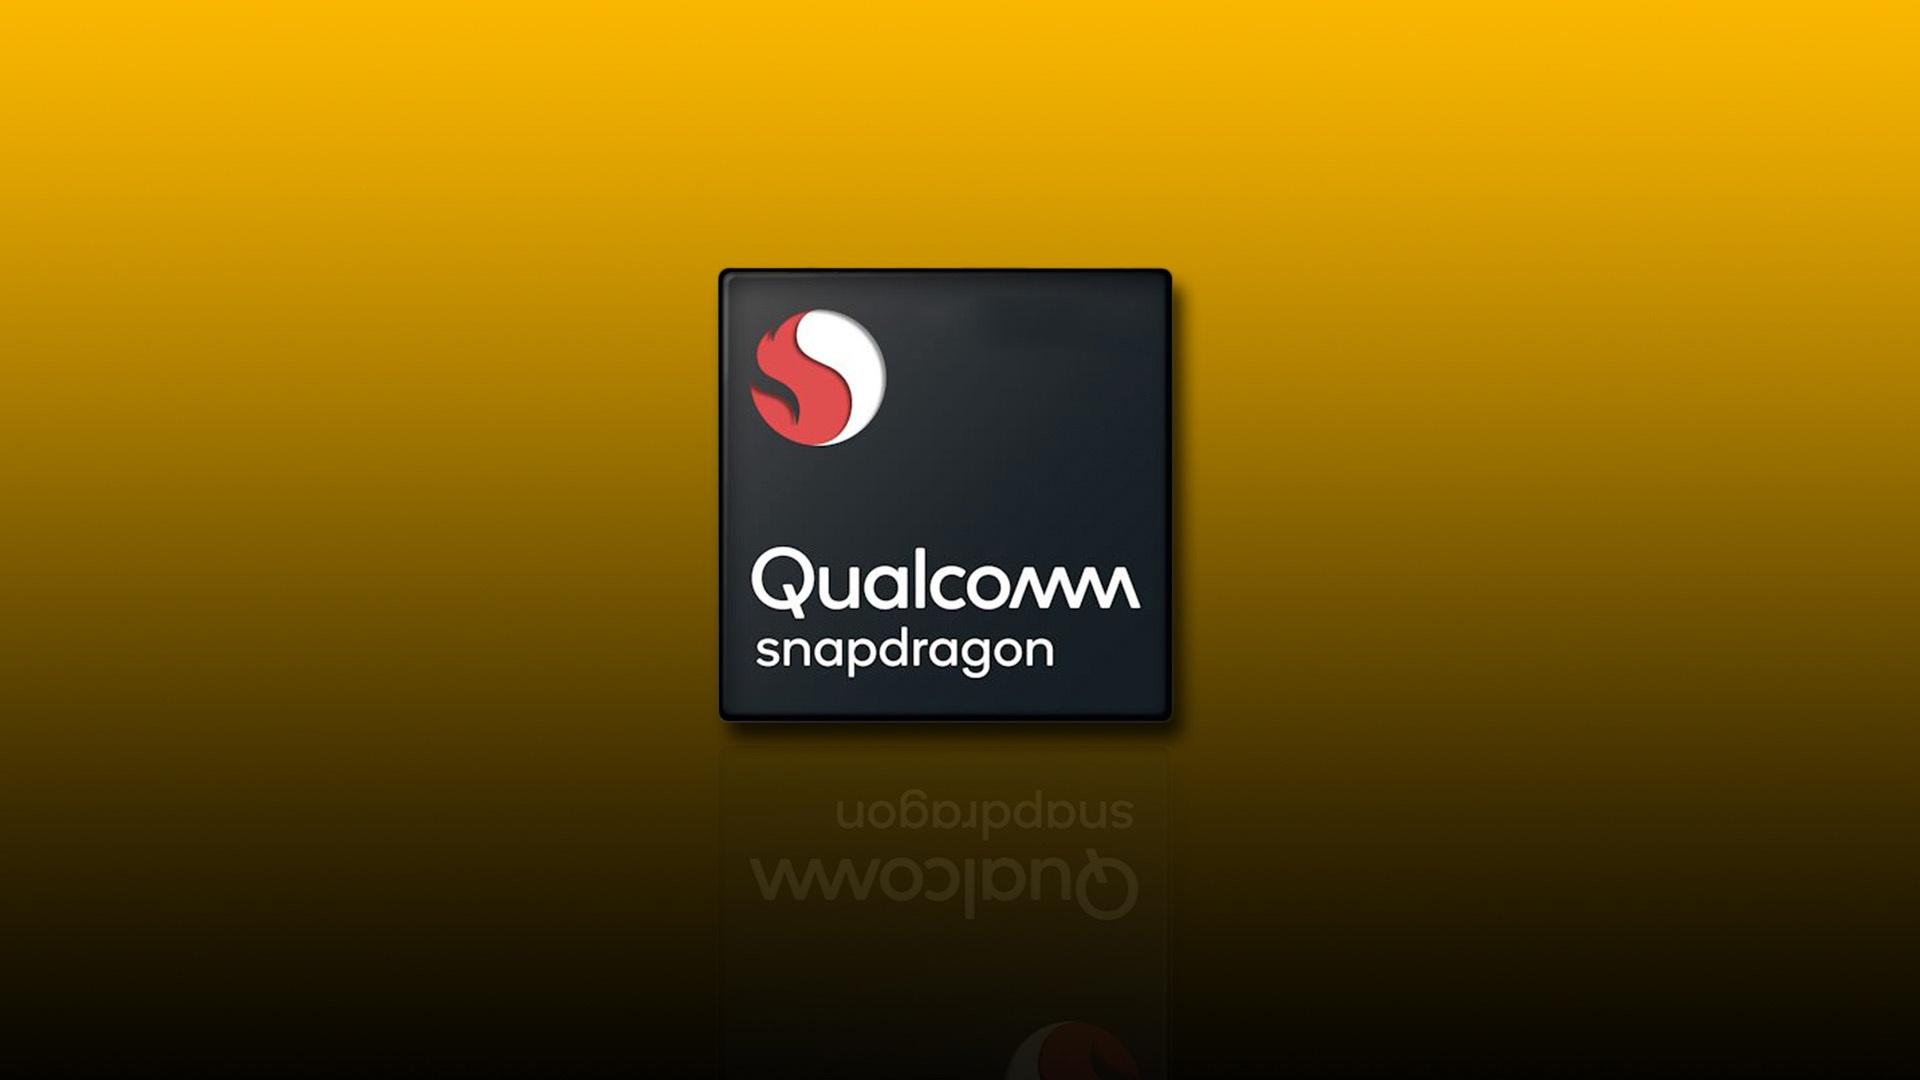 Озвучены предварительные характеристики однокристальной системы Snapdragon 865